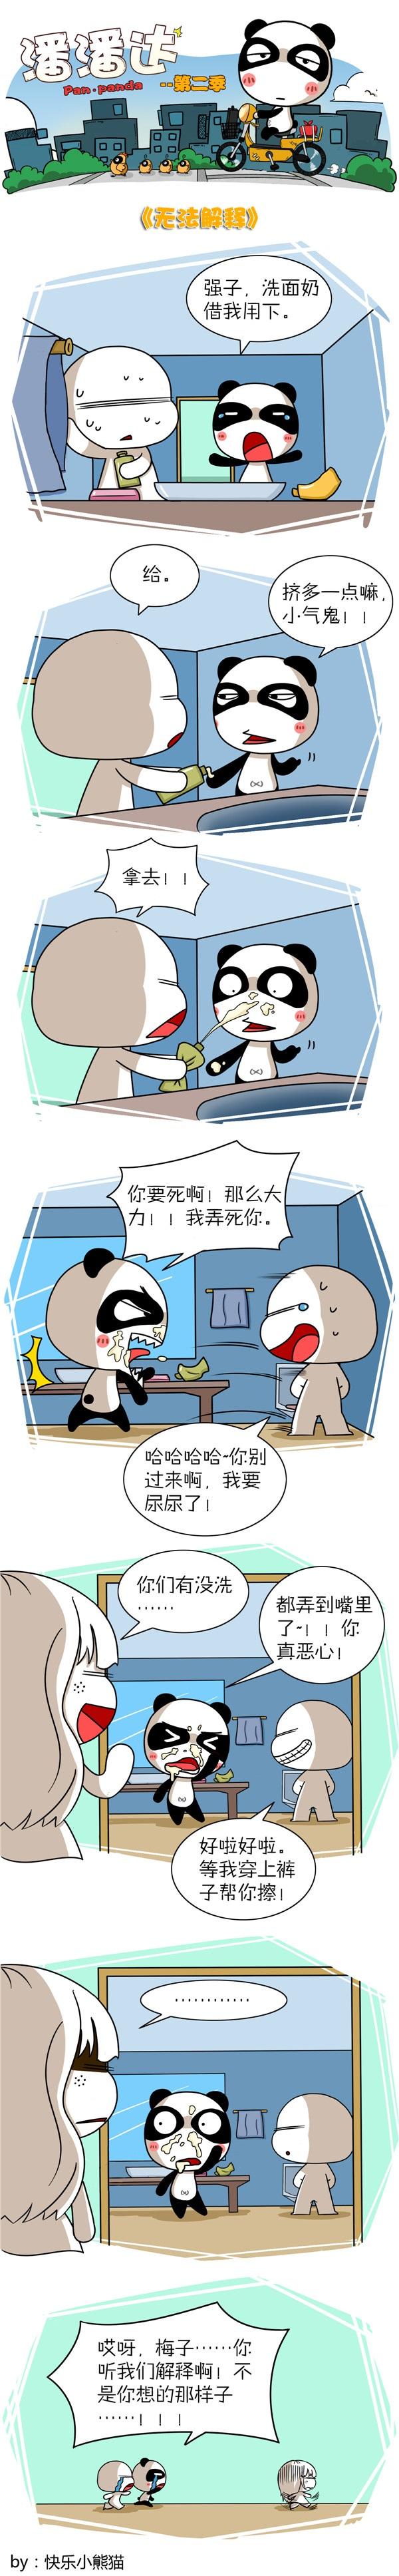 搞笑内涵四格漫画《无法解释》、《急救》